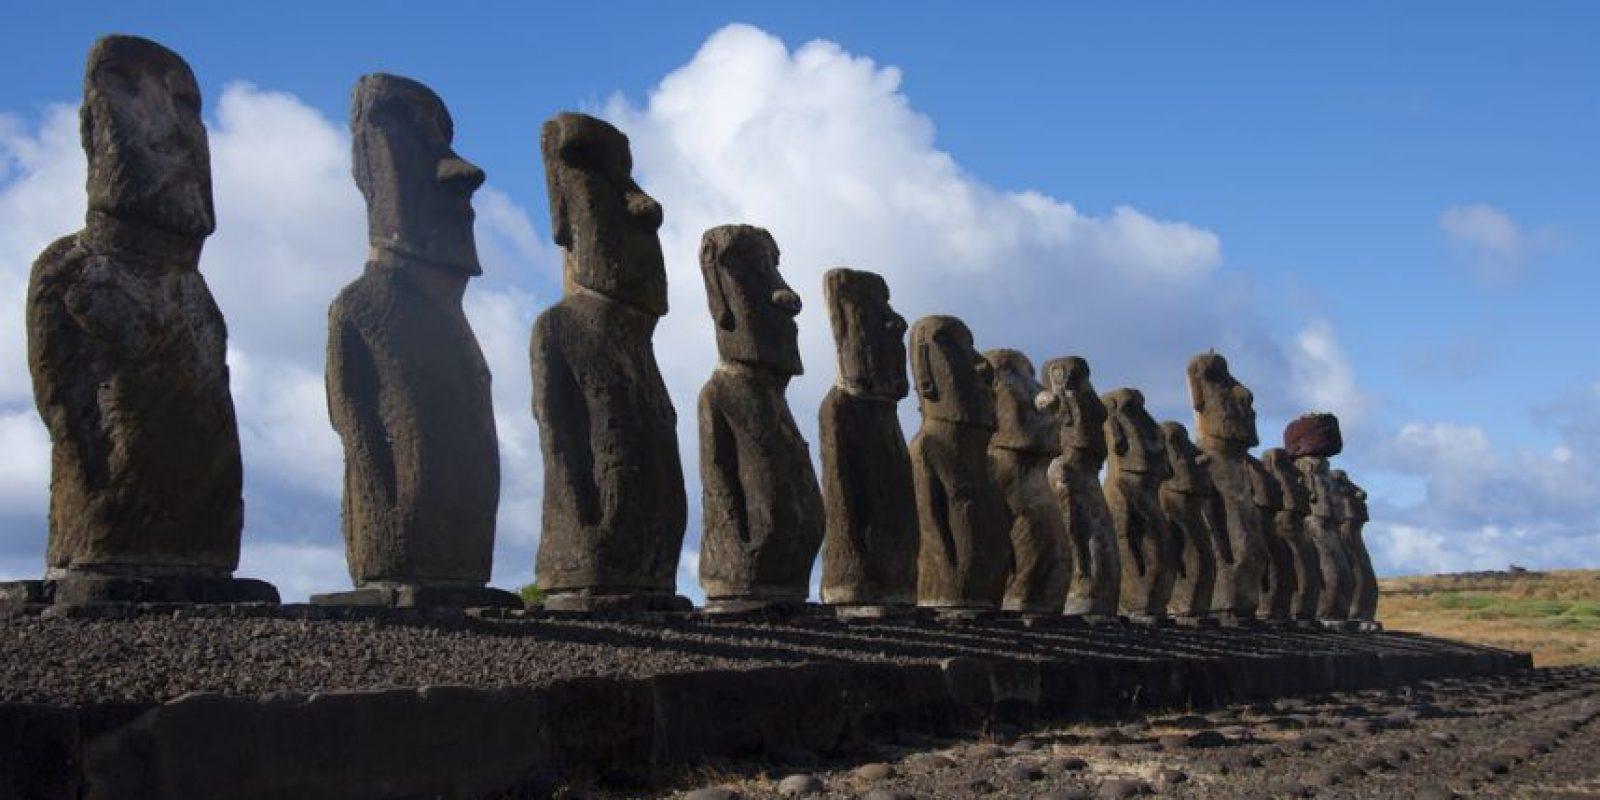 Los Moai son figuras humanas monolíticas talladas por el pueblo Rapa Nui Foto: Vista panorámica de la isla chilena. Foto: Ricardo Ramírez